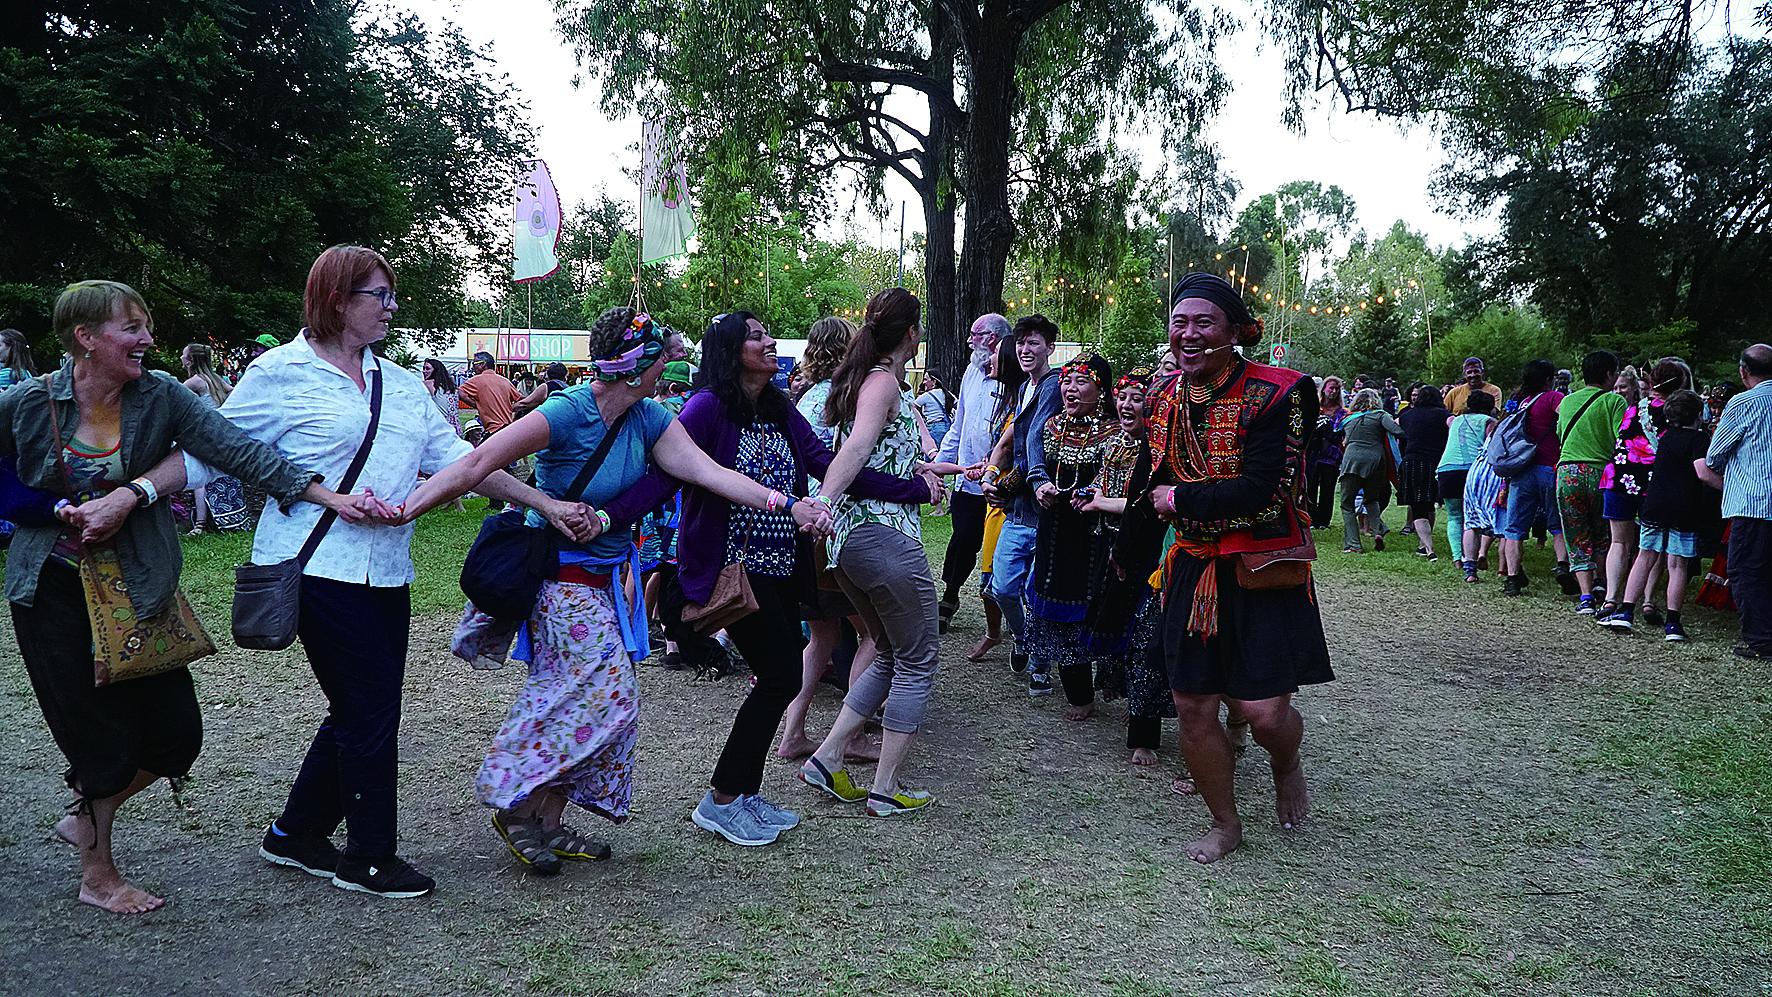 泰武古謠傳唱藝術總監查馬克帶領WOMADelaide藝術節現場觀眾歡樂唱跳傳統舞蹈。.JPG